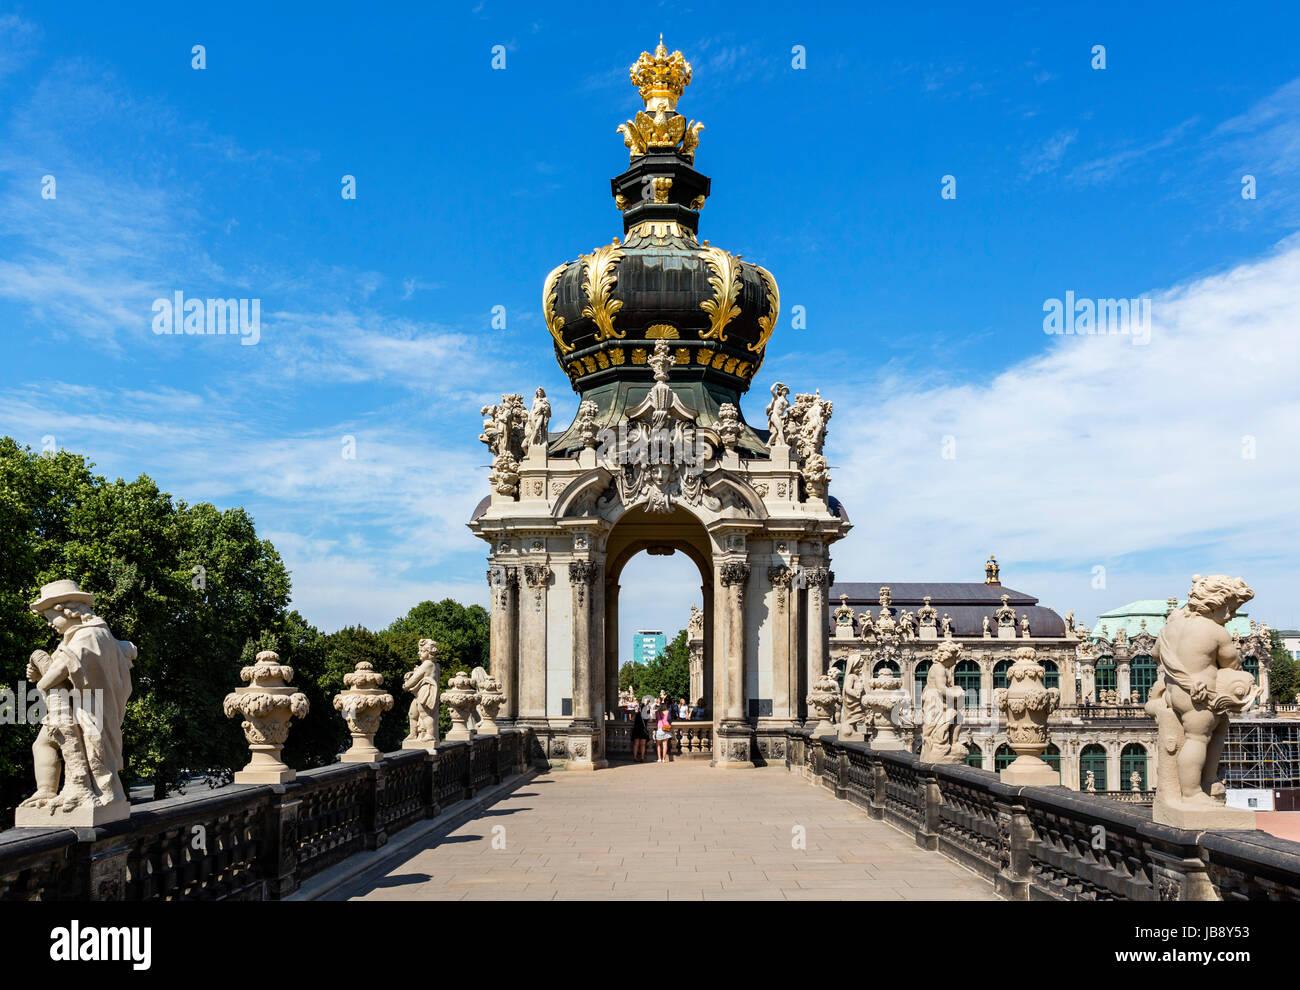 Der Zwinger Palast, Dresden, Sachsen, Deutschland Stockbild